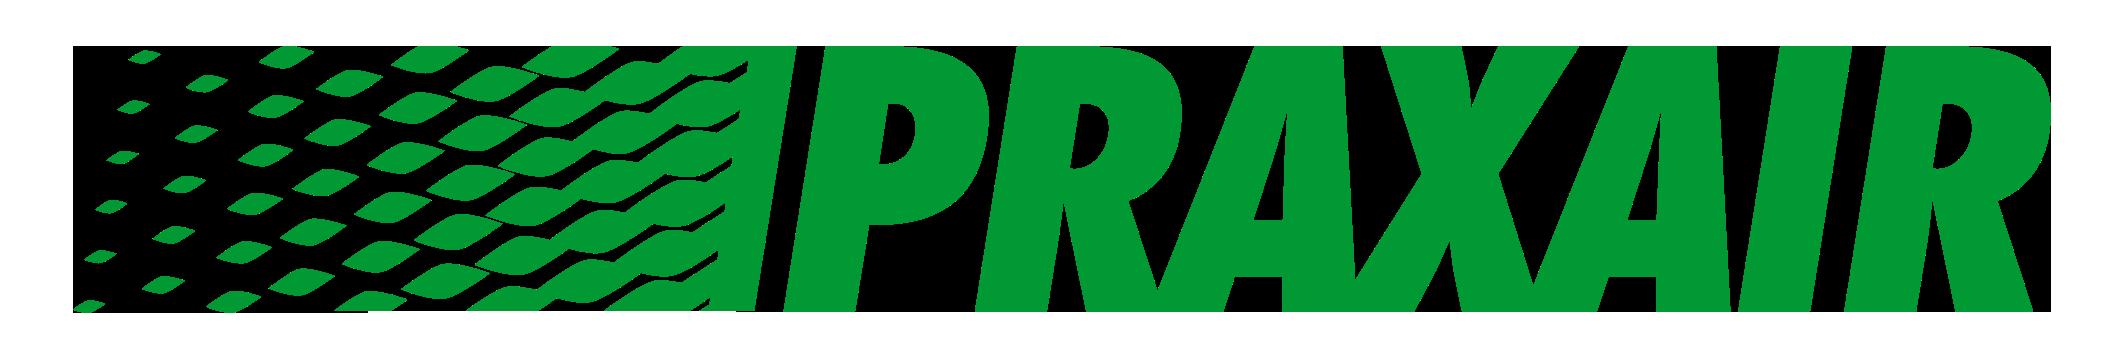 praxair---mxico-logo